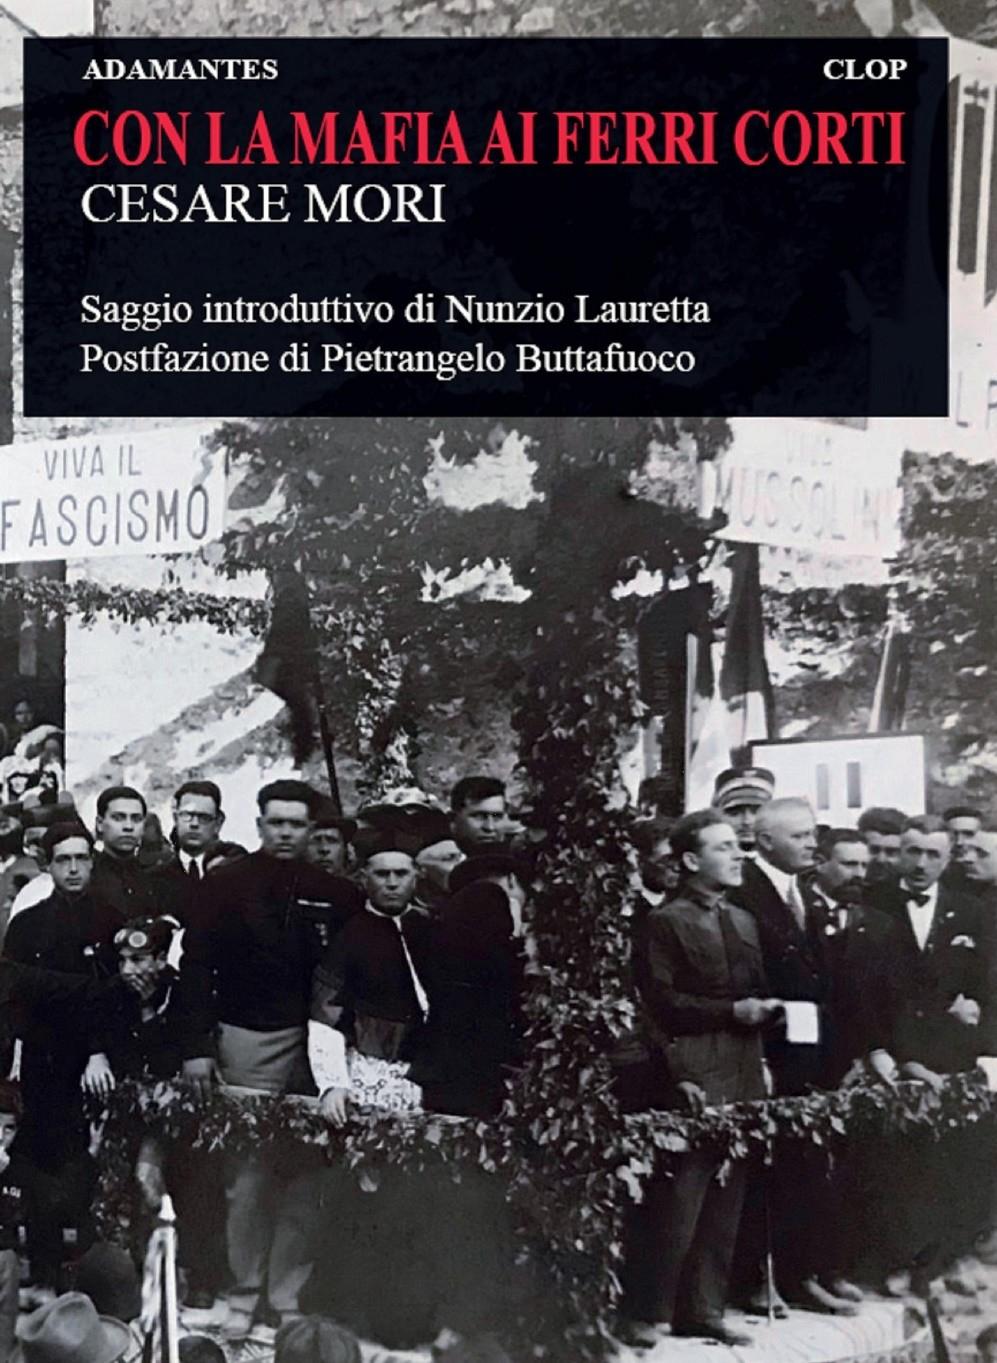 """Misilmeri, nell'ambito dell'iniziativa di BCsicilia """"30 Libri in 30 Giorni"""" si presenta a il volume """"Con la mafia ai ferri corti"""" di Cesare Mori"""